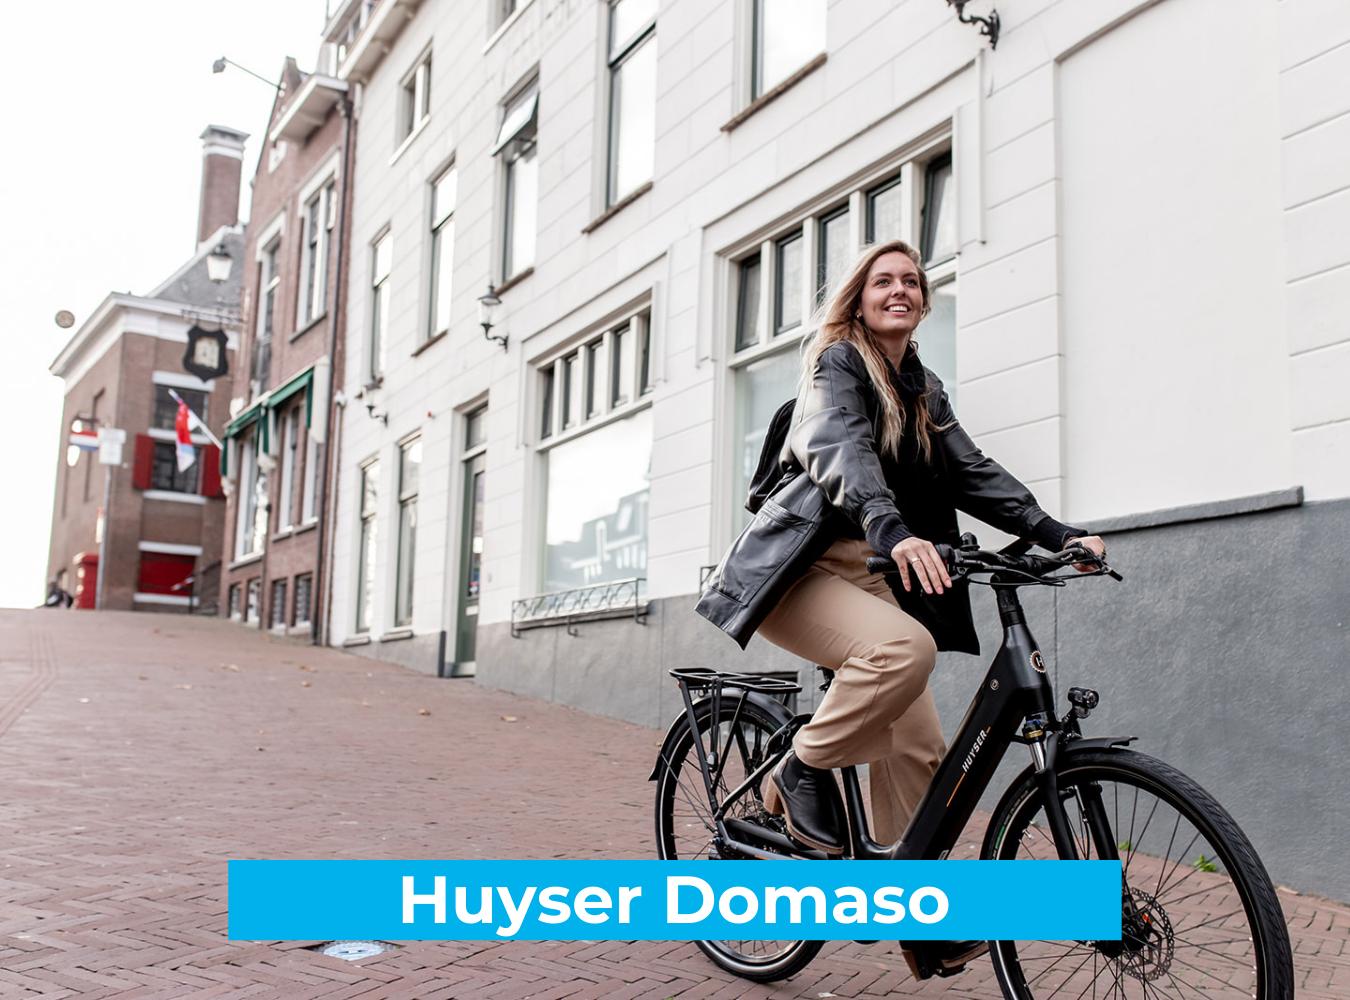 Koop de Huyser Domaso online bij Fietsuniek.nl en profiteer van een gratis EPIC service-upgrade met complete fietsservice door fietsenmakers aan huis.